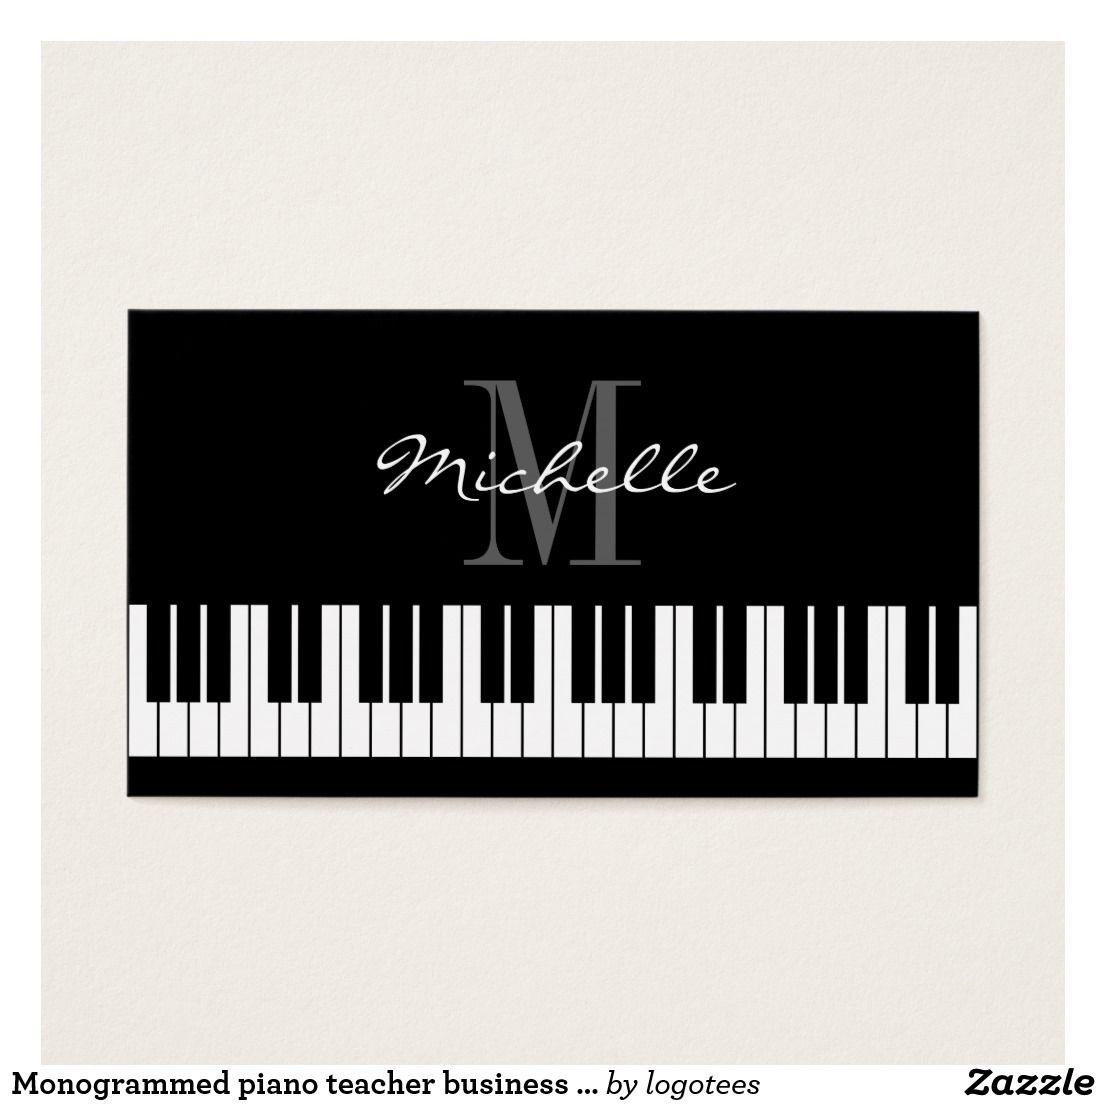 Monogrammed piano teacher business card template   Pinterest ...